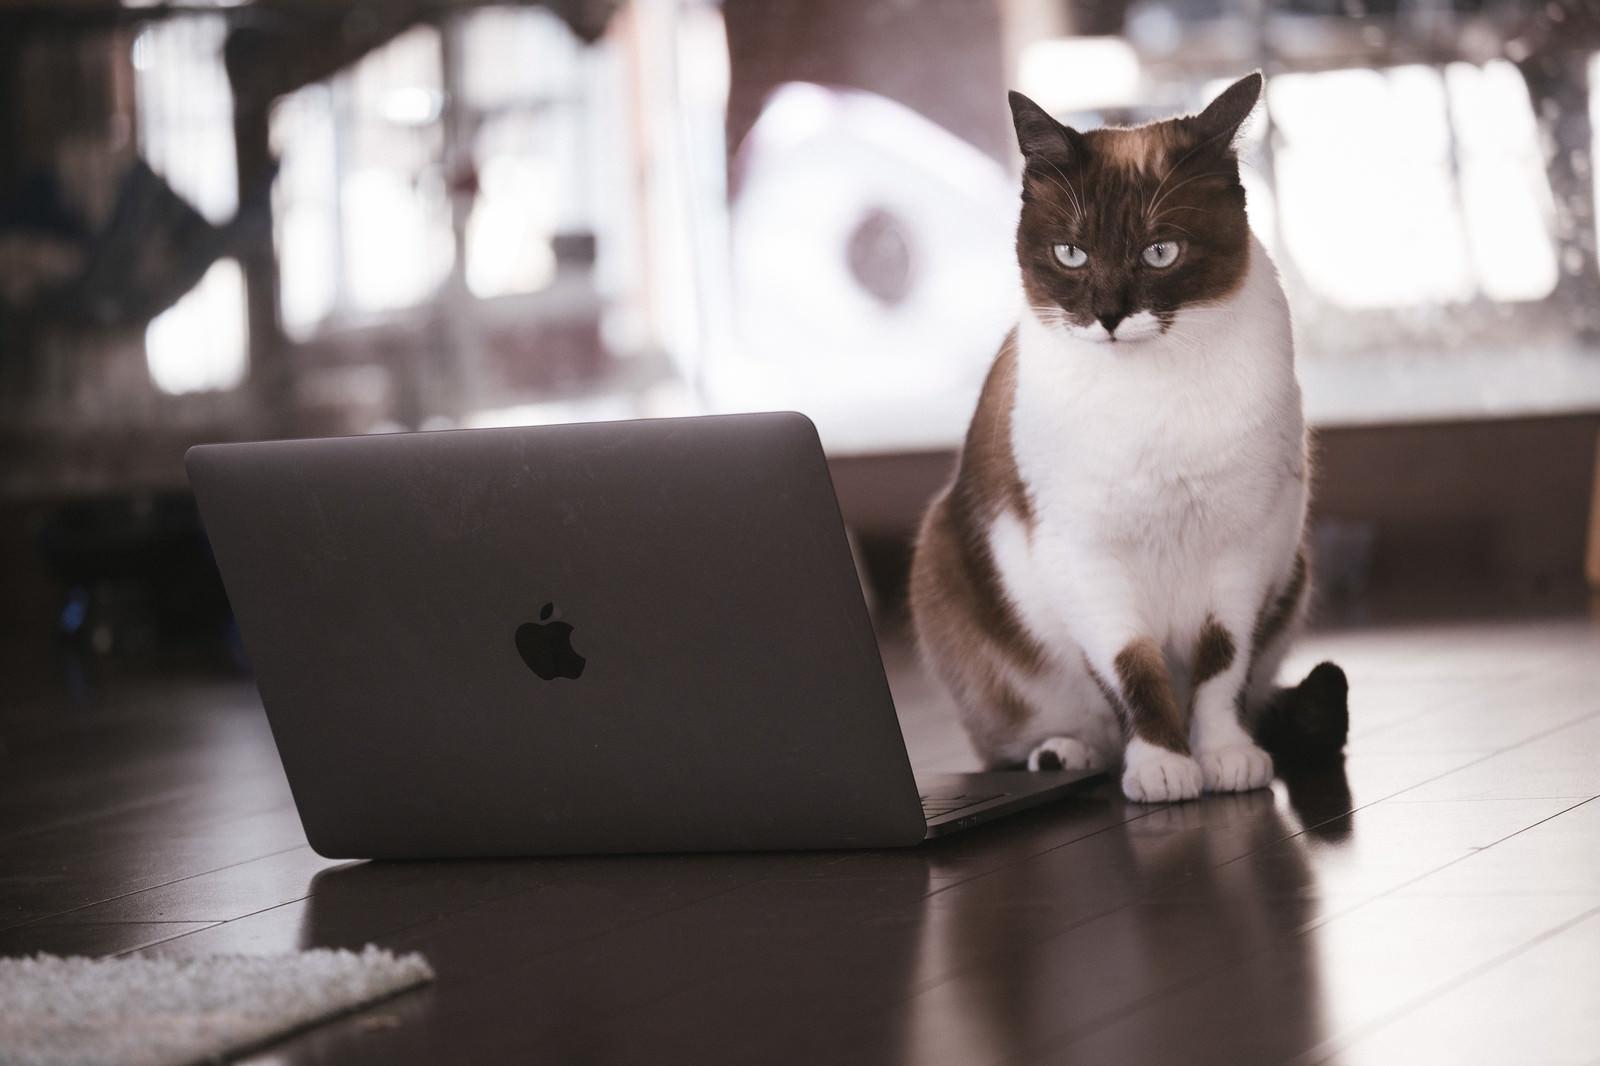 「解読困難なコードに頭を悩ませる猫エンジニア解読困難なコードに頭を悩ませる猫エンジニア」のフリー写真素材を拡大